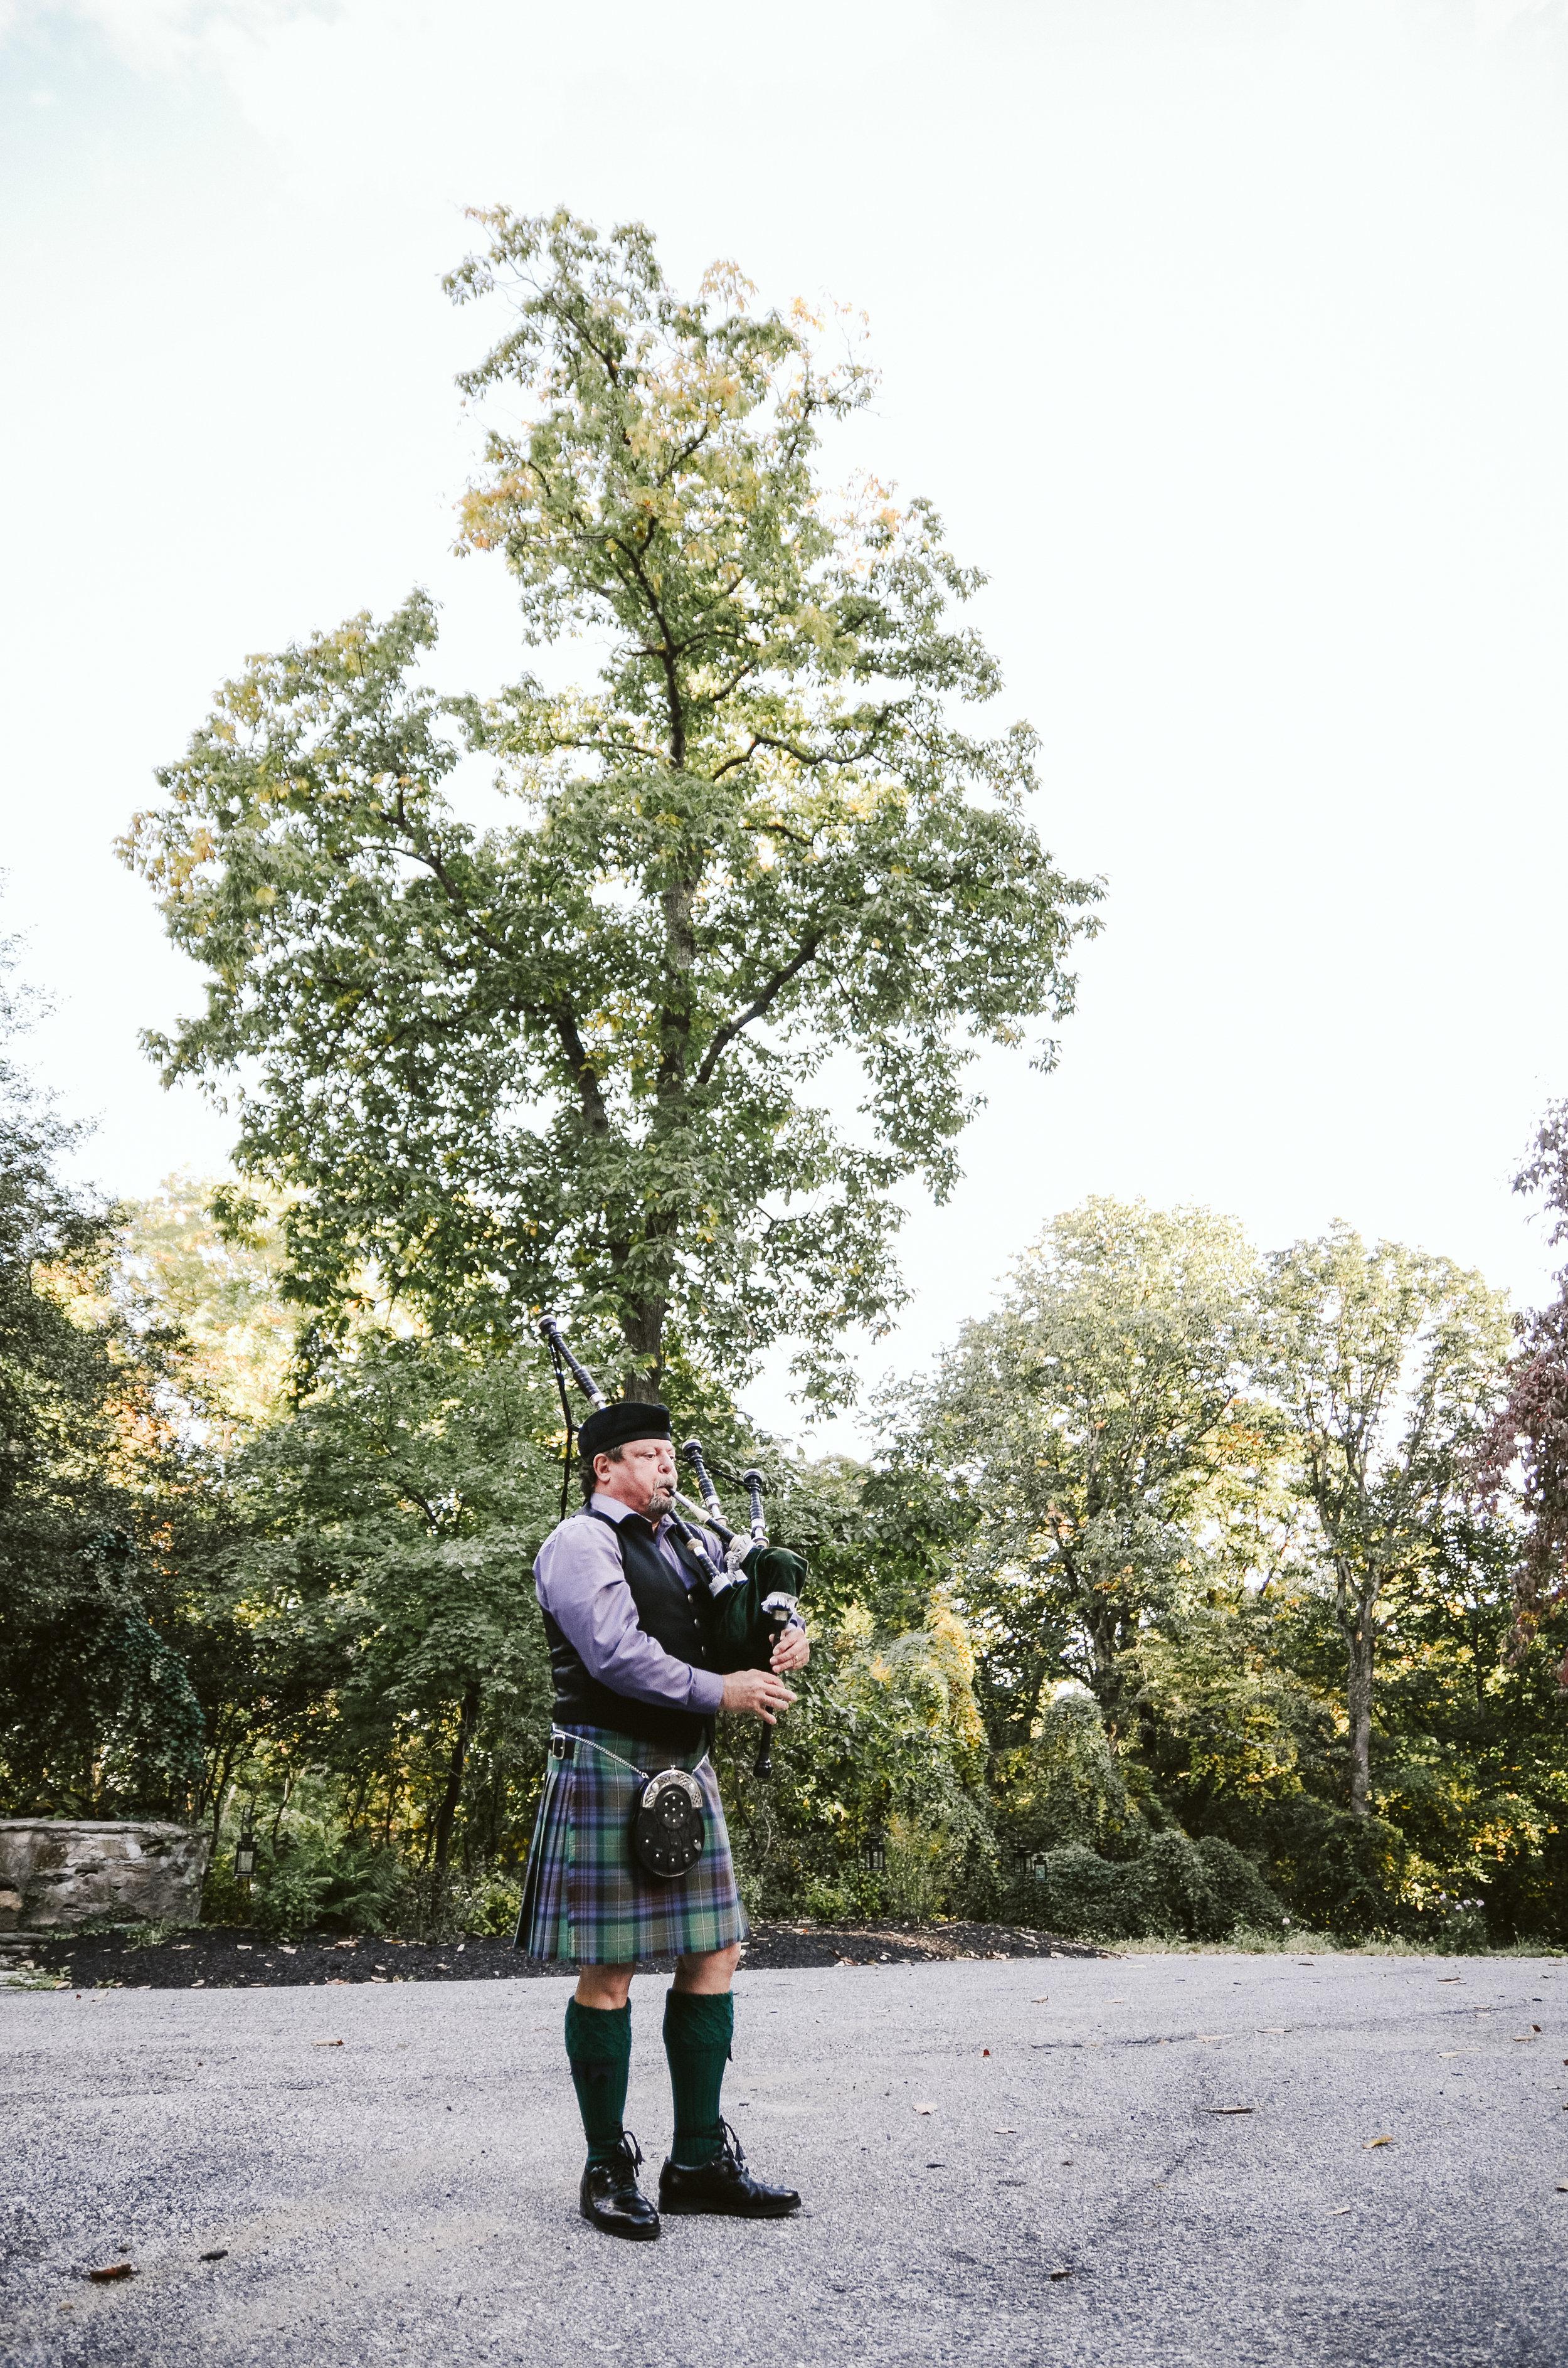 adrienne and greg's wedding 2018 edits-41.jpg